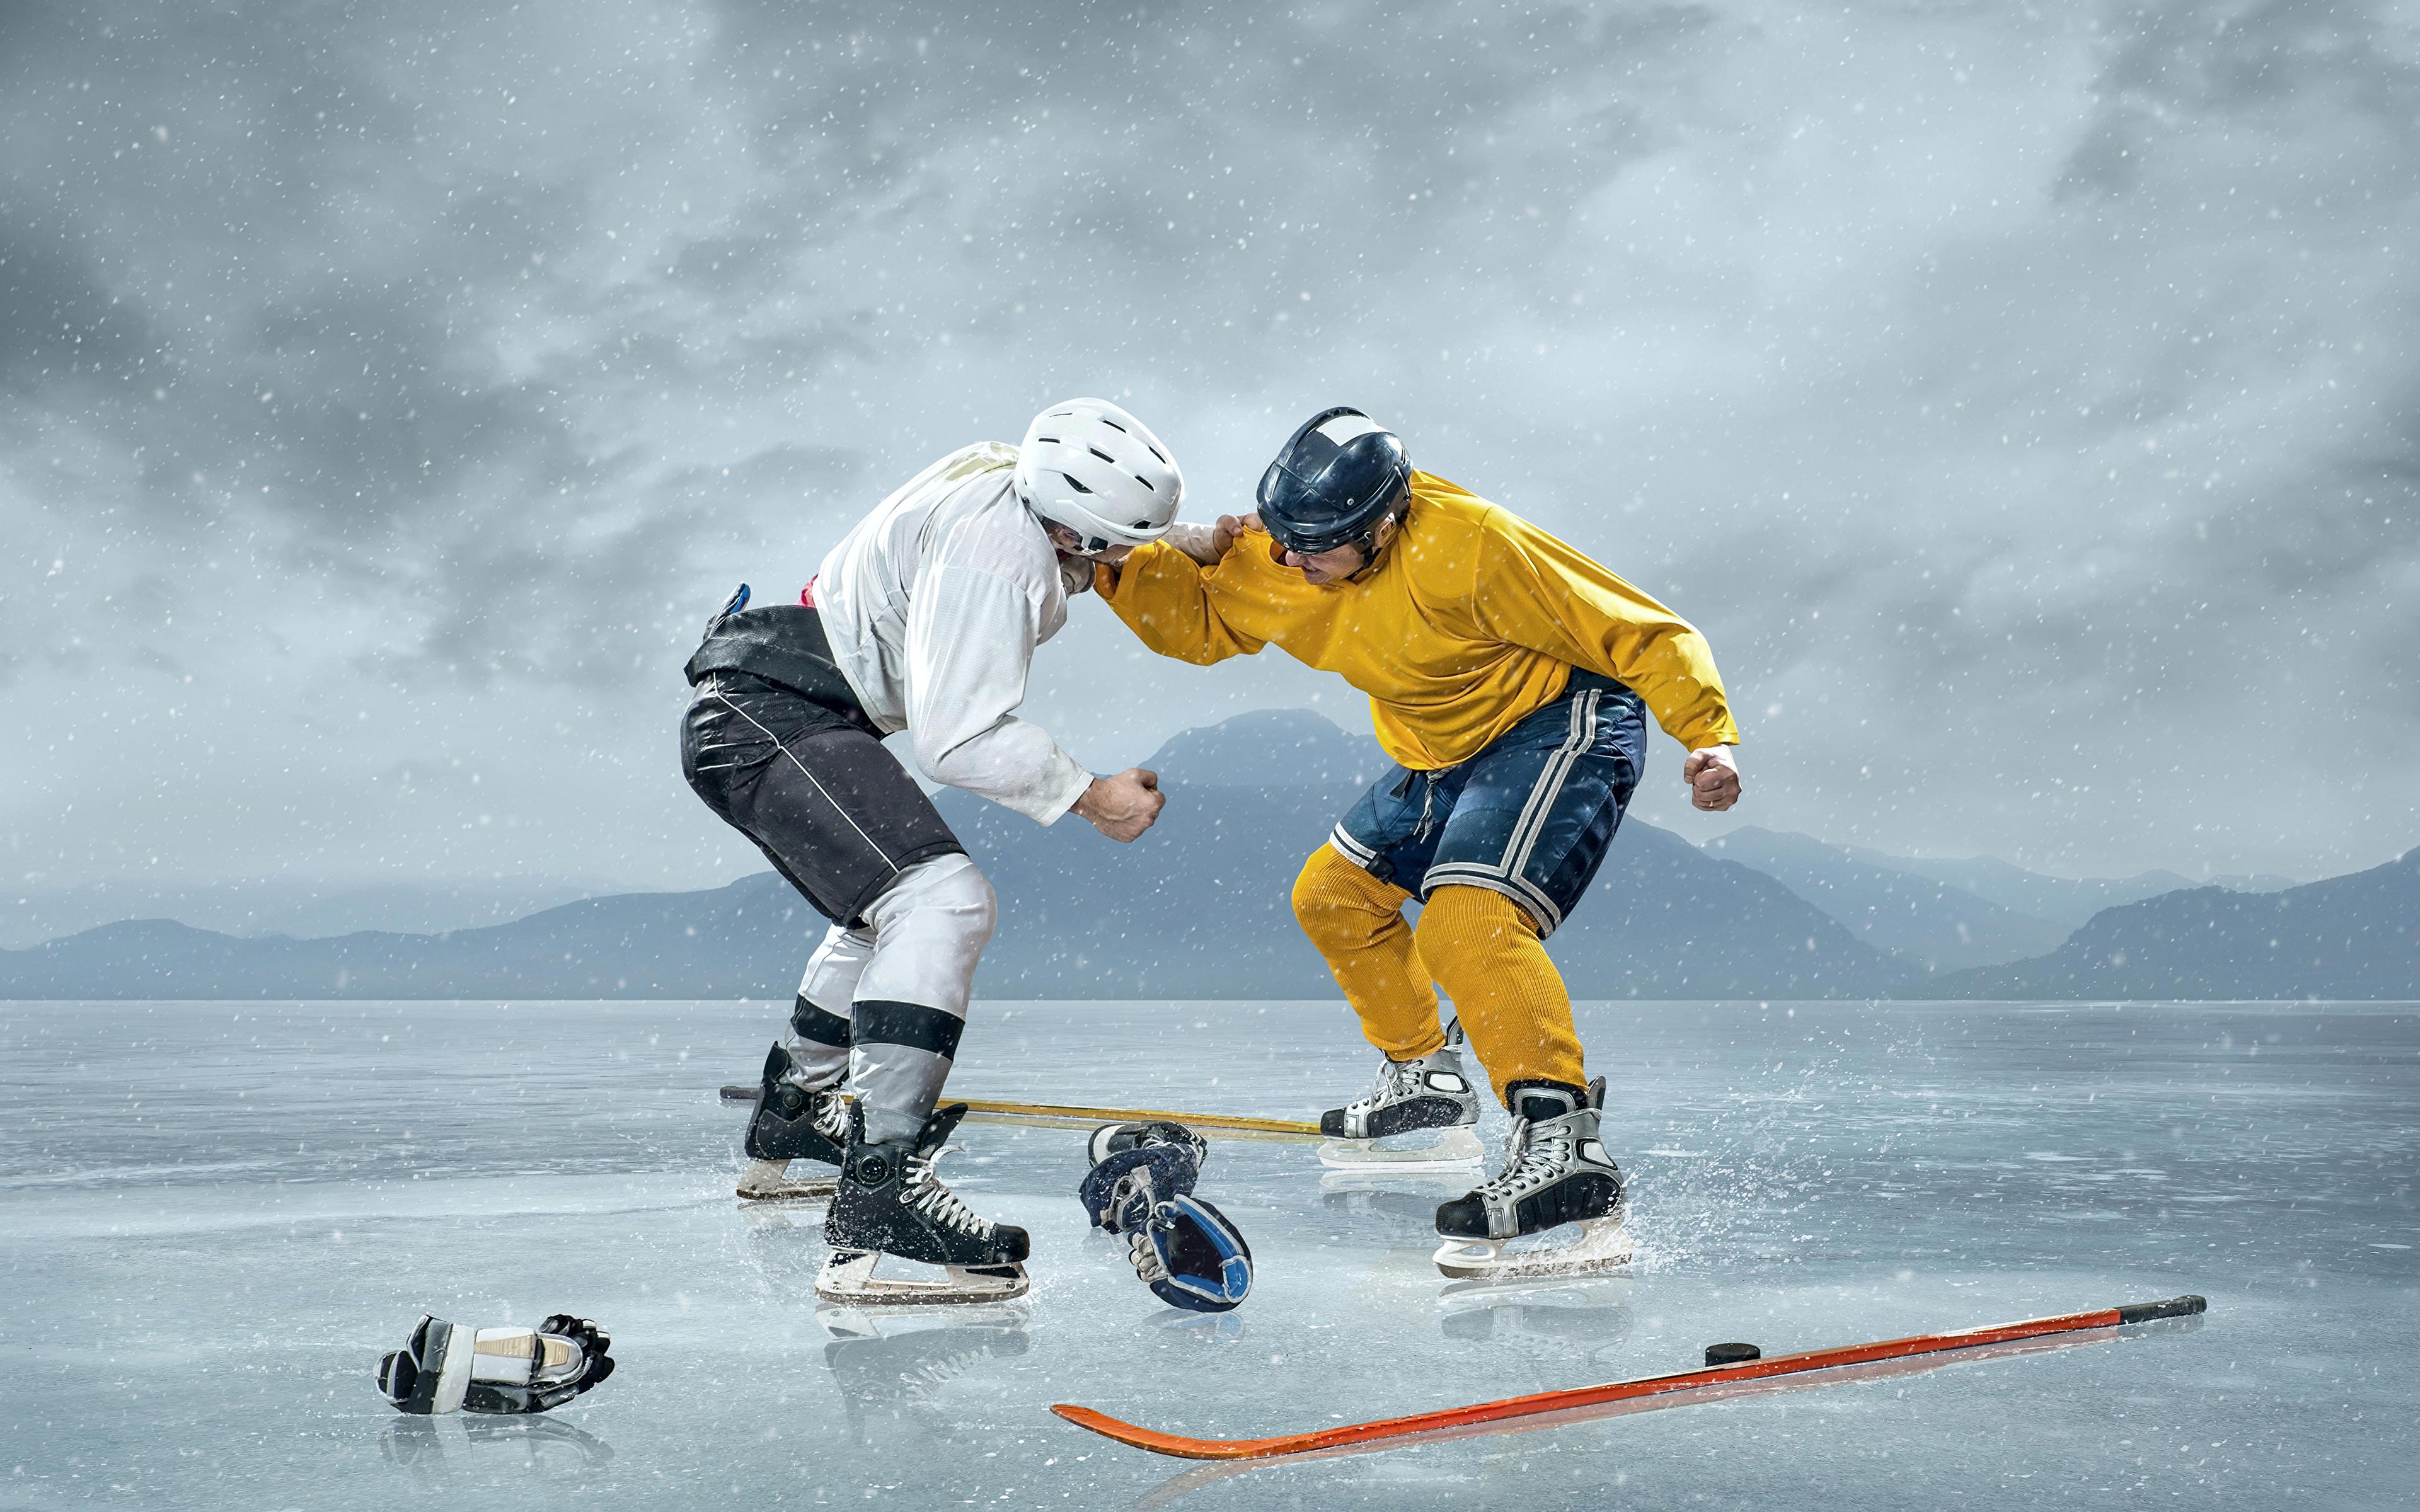 Bilder Helm Mann Eis Zwei Sport Schlägerei Hockey Uniform 3840x2400 2